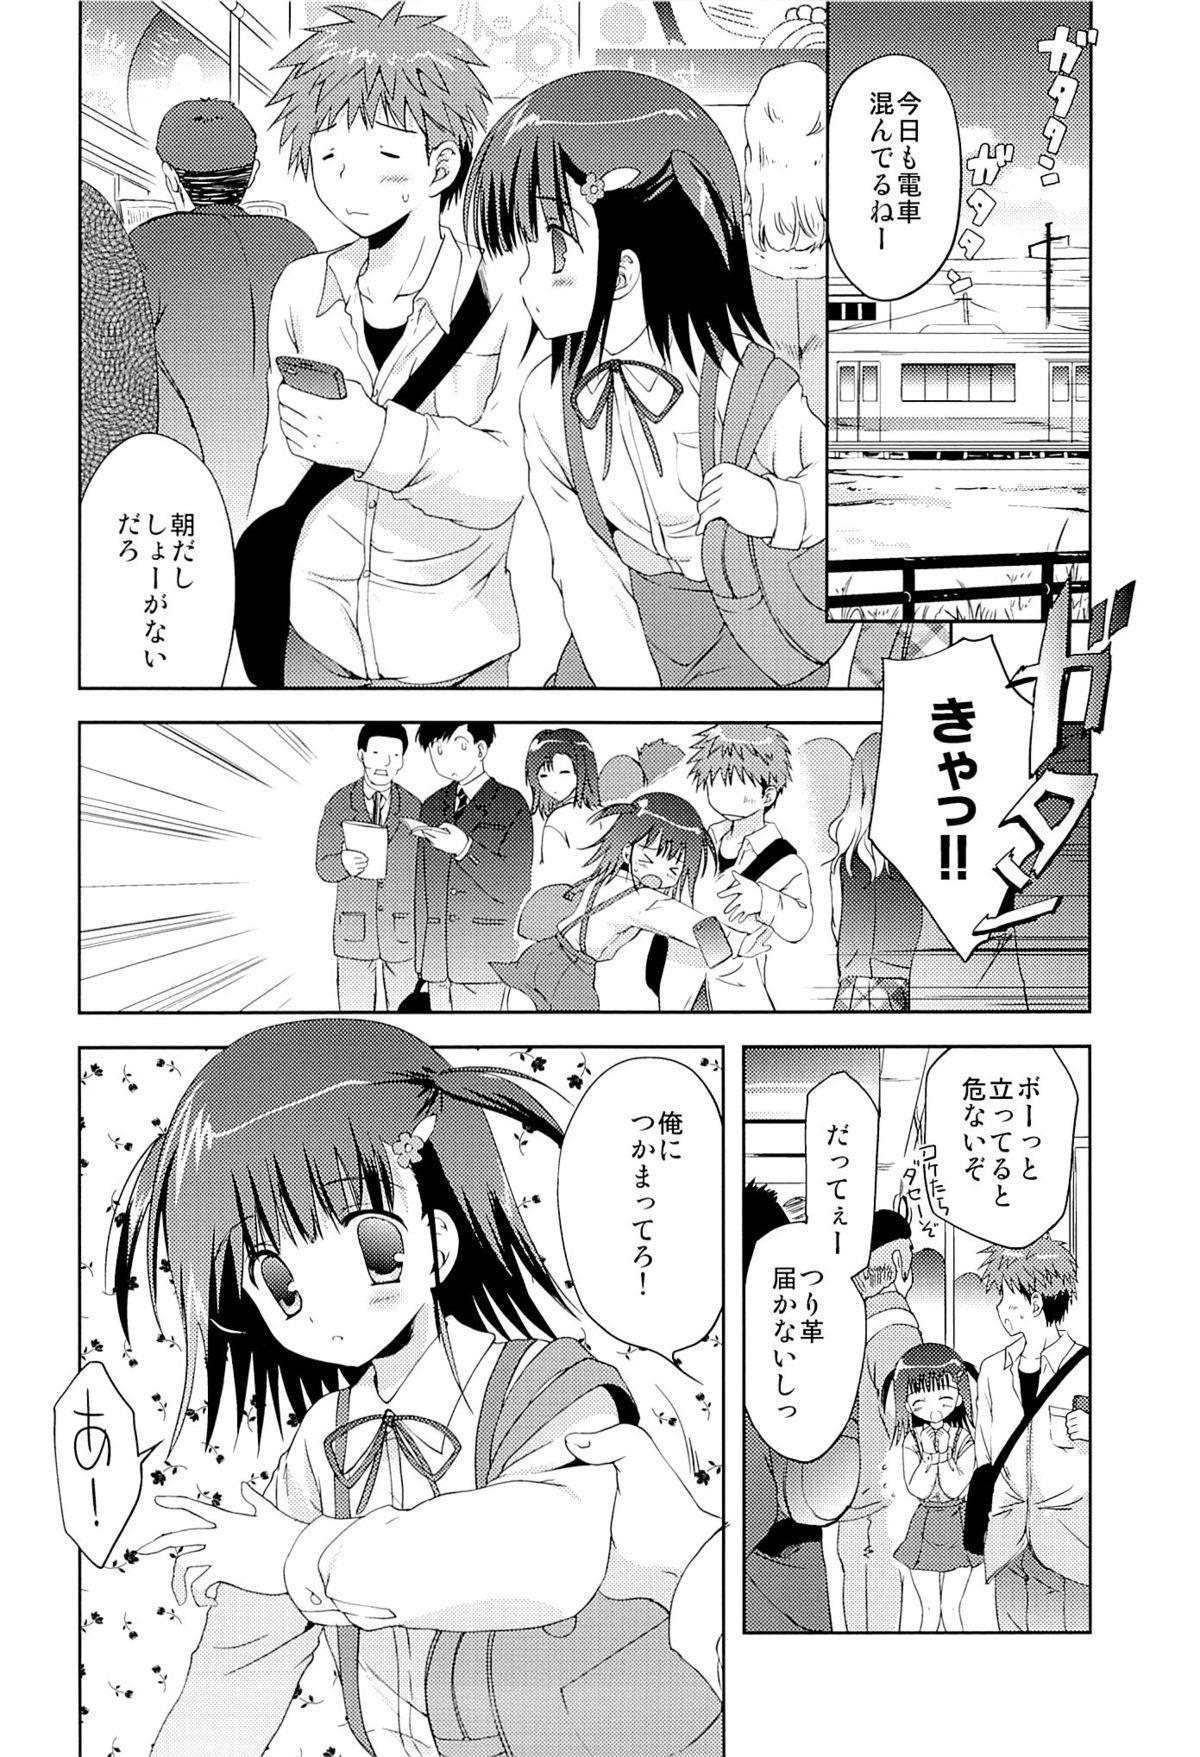 Atashi... Manin Densha no Naka de Shiranai Ojisan ni Shojo wo Ubawarechaimashita 4